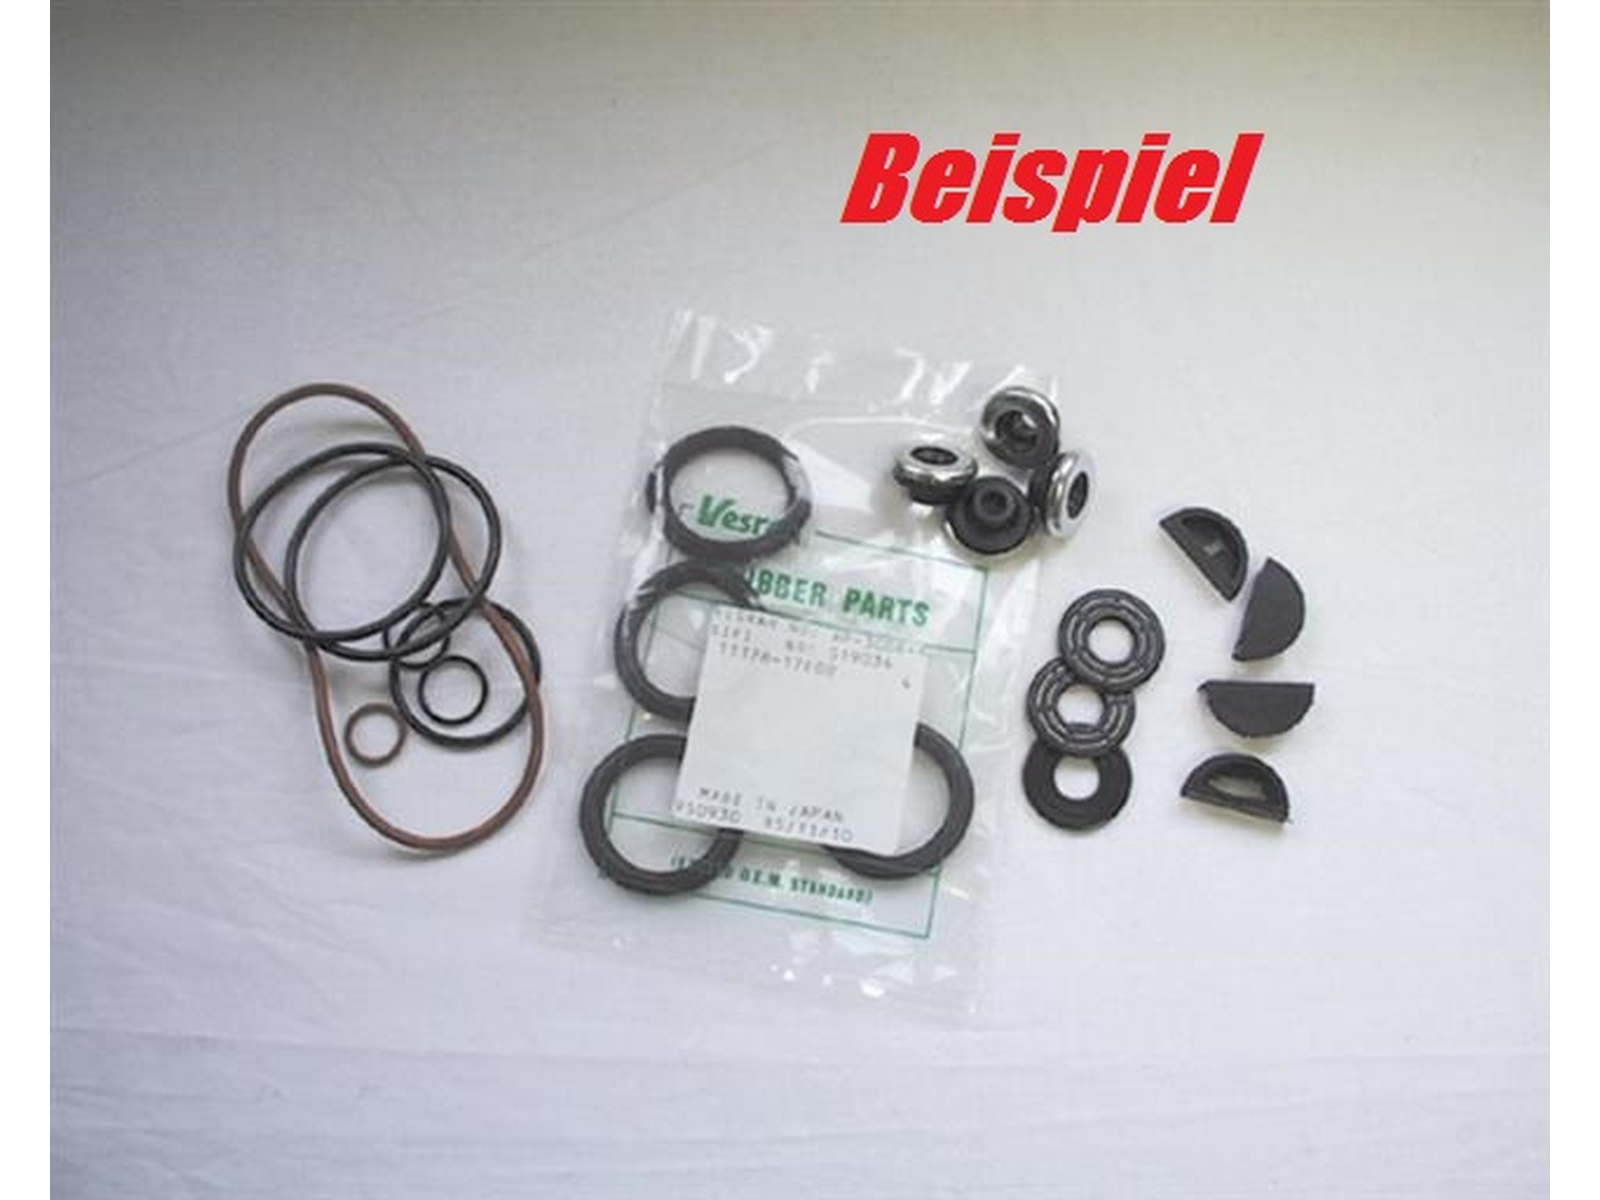 Ventildeckeldichtung Kawasaki Gpz 750